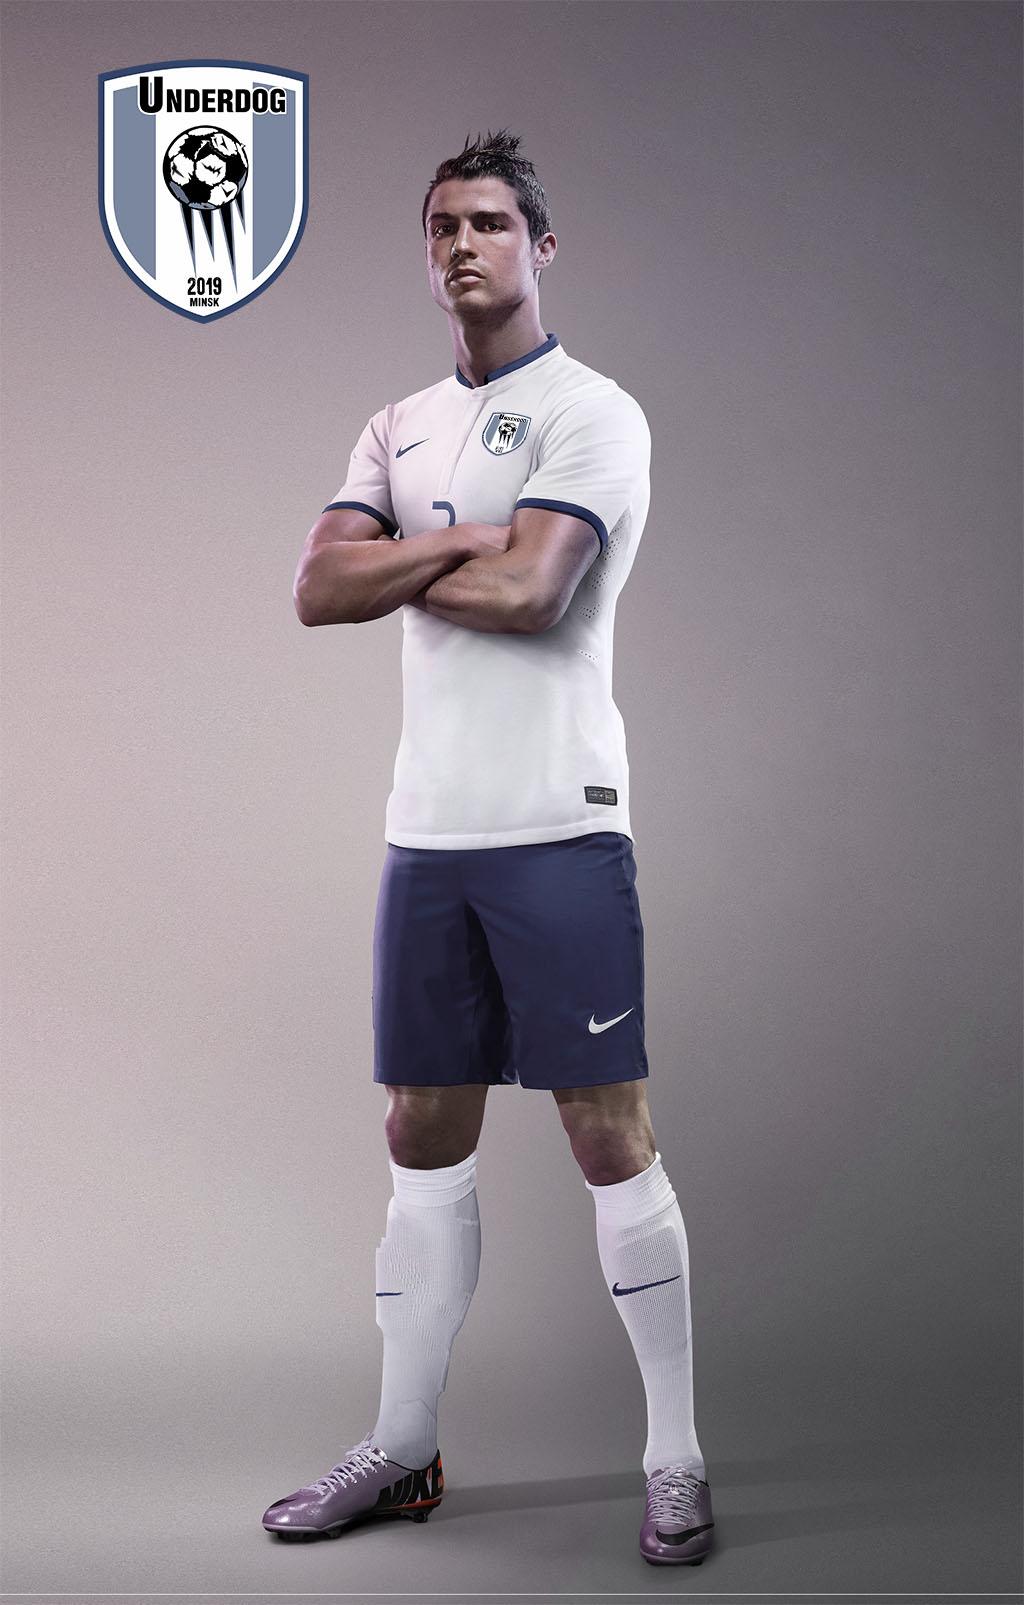 Футбольный клуб UNDERDOG - разработать фирстиль и бренд-бук фото f_5545cafe5b2d635d.jpg